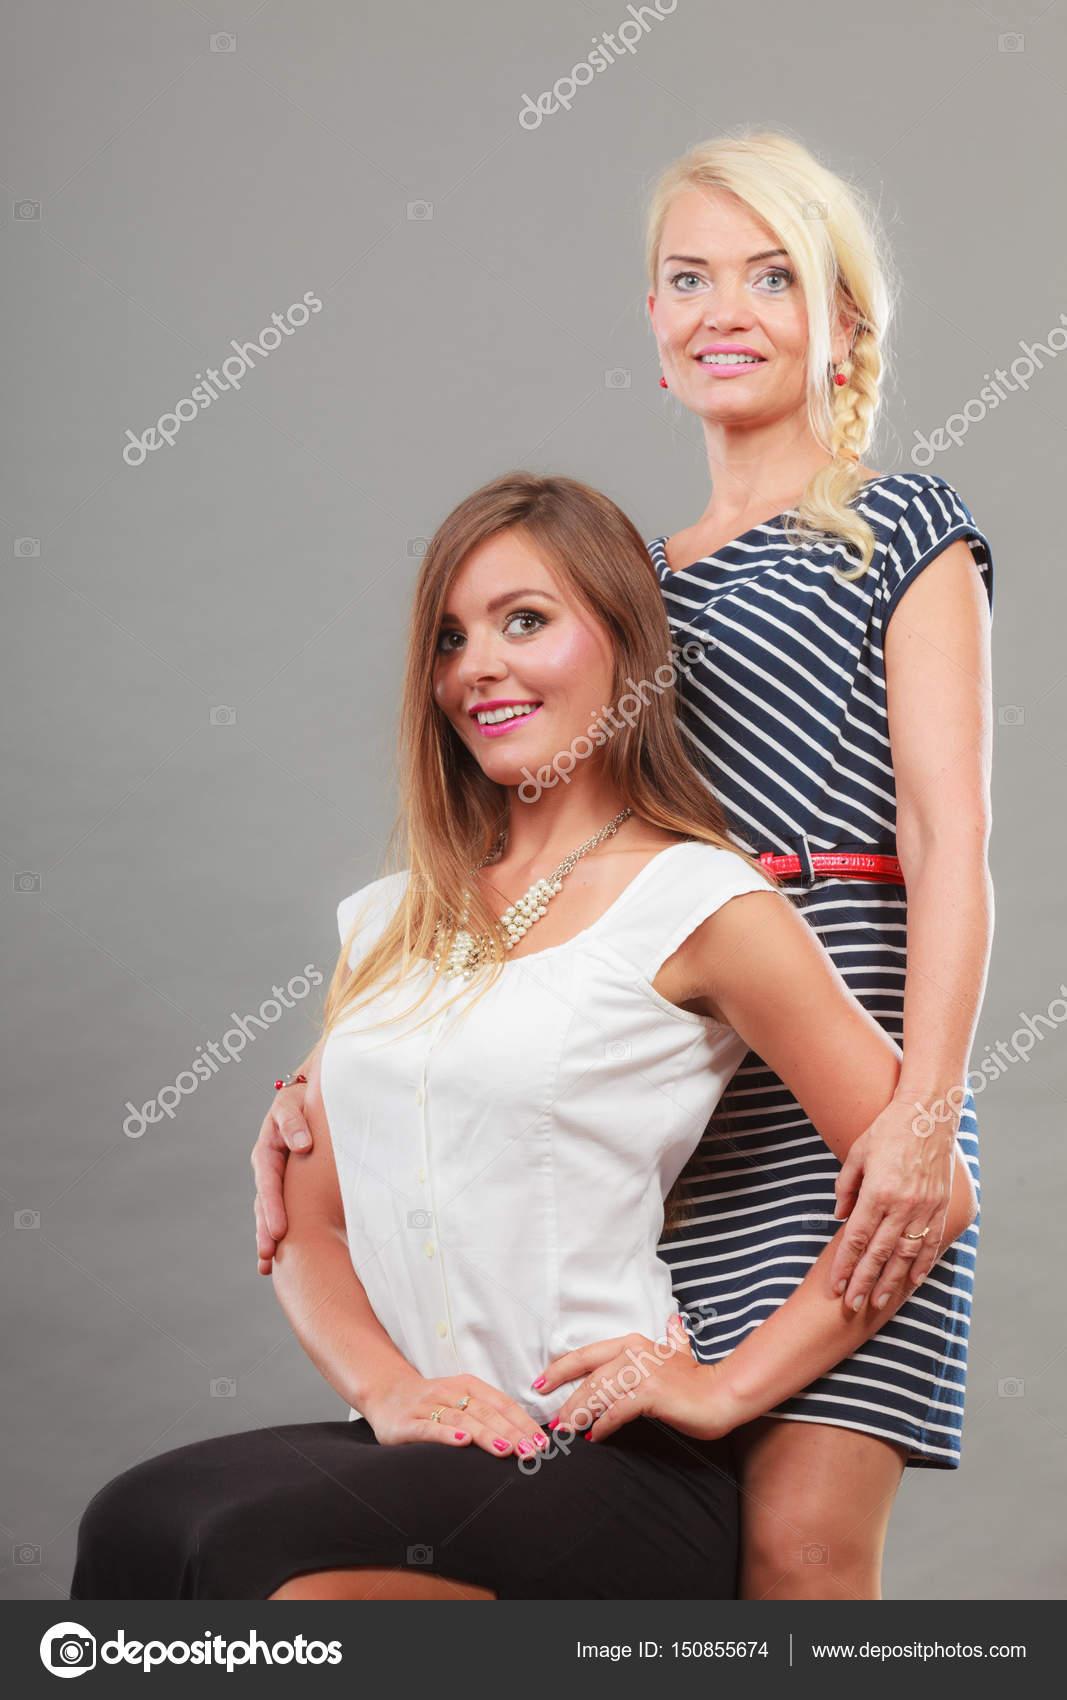 db55a35b0 Két nő visel divatos ruhák — Stock Fotó © Voyagerix #150855674